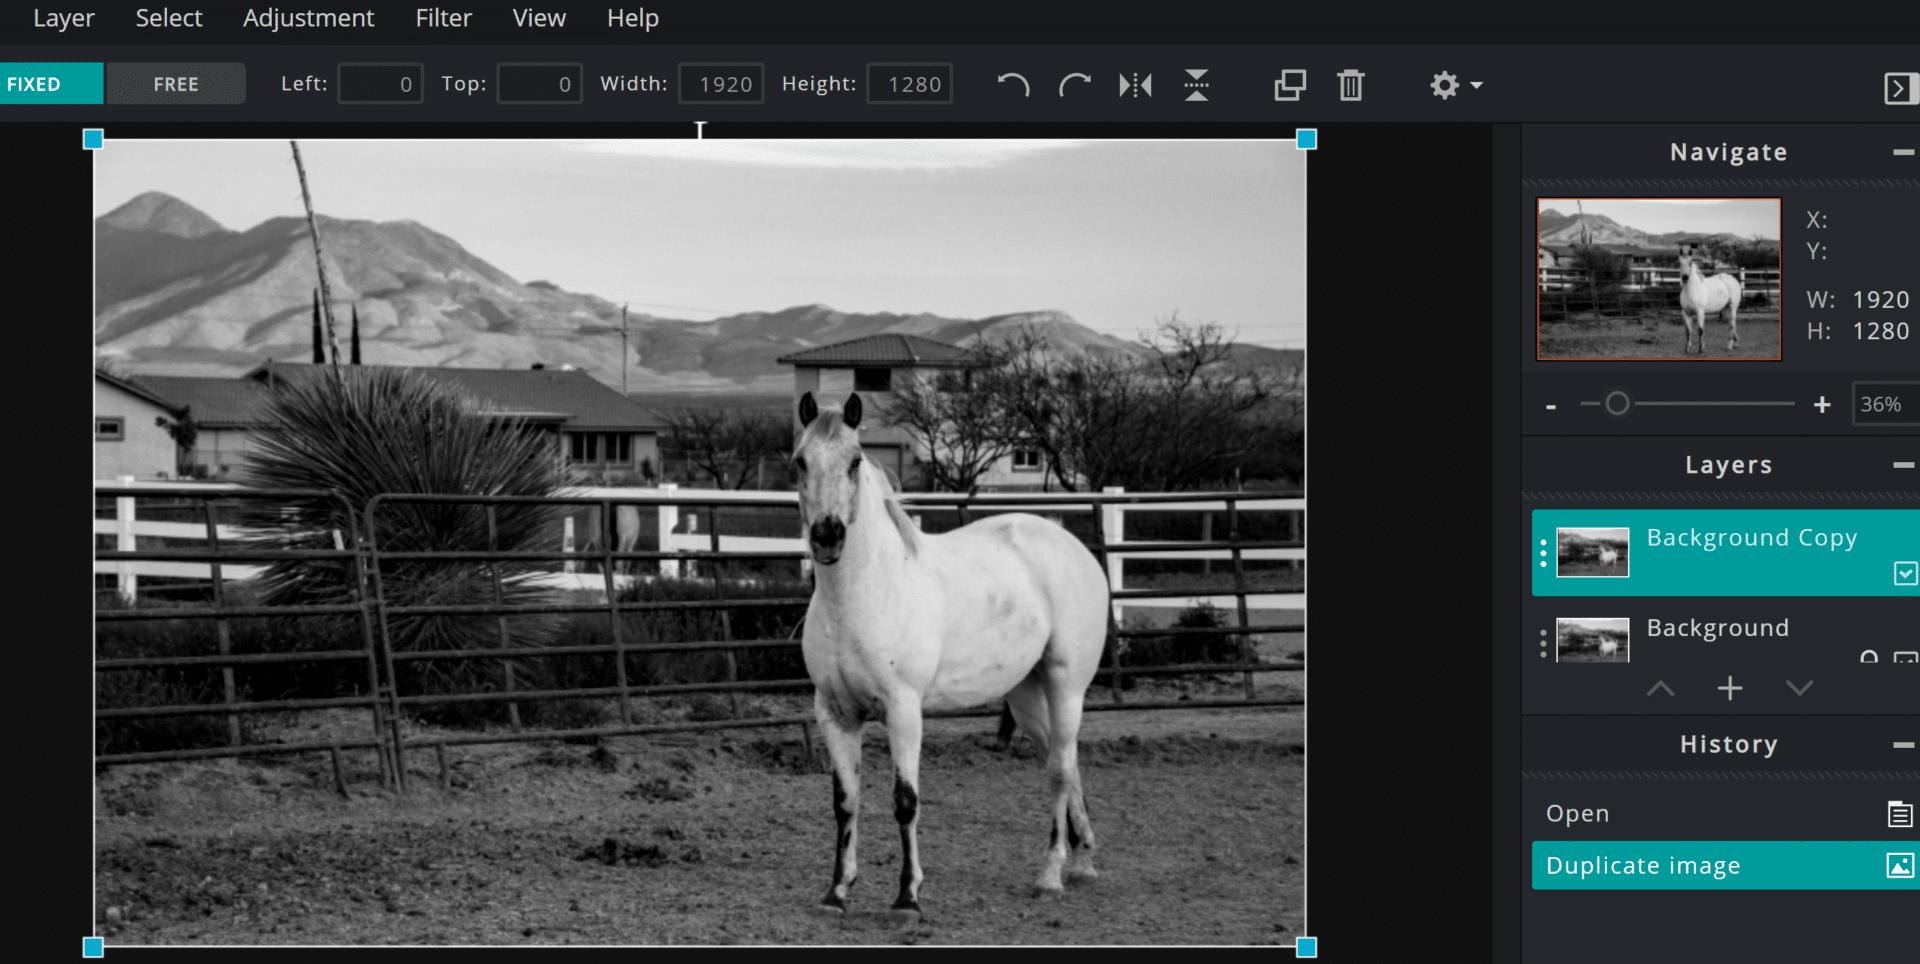 Duplicate image in Pixlr E